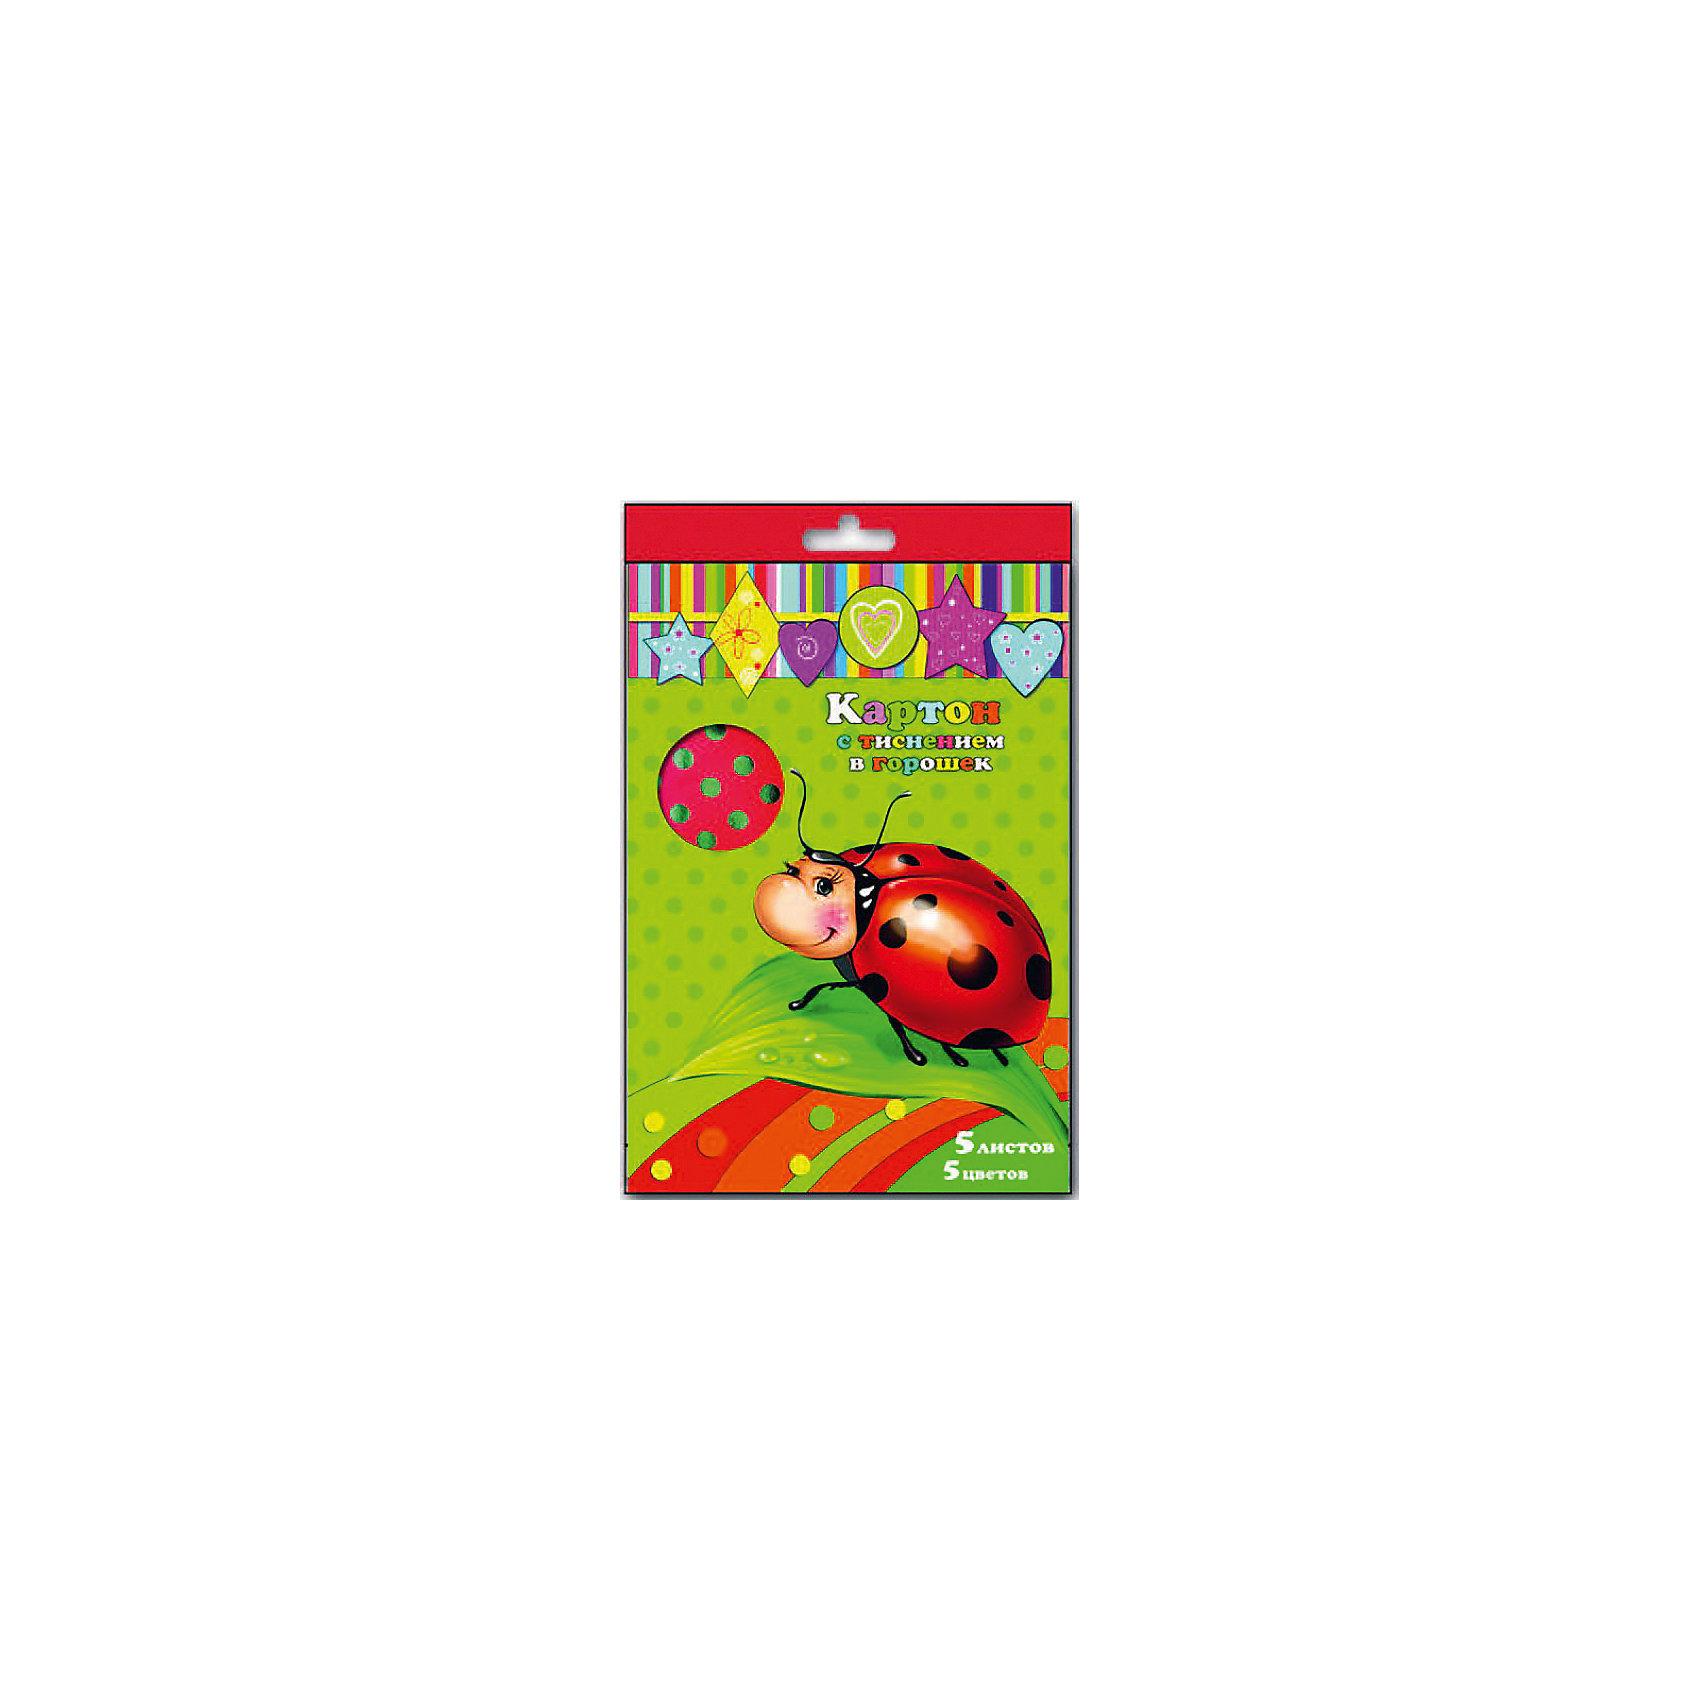 Картон с тиснением в горошек, 5 листов, 5 цвЭто красивый набор картона с тиснением, который обязательно пригодится Вашему малышу в новом учебном году!<br><br>Дополнительная информация:<br><br>- Возраст: от 3 лет.<br>- 5 листов.<br>- 5 цветов: красный, желтый, зеленый, синий, малиновый.<br>- Размеры: 21х29,7 см.<br>- Материал: картон.<br>- Размер упаковки: 30х20х0,1 см.<br>- Вес в упаковке: 70 г.<br><br>Купить картон с тиснением в горошек, можно в нашем магазине.<br><br>Ширина мм: 300<br>Глубина мм: 220<br>Высота мм: 1<br>Вес г: 70<br>Возраст от месяцев: 36<br>Возраст до месяцев: 2147483647<br>Пол: Унисекс<br>Возраст: Детский<br>SKU: 4943516